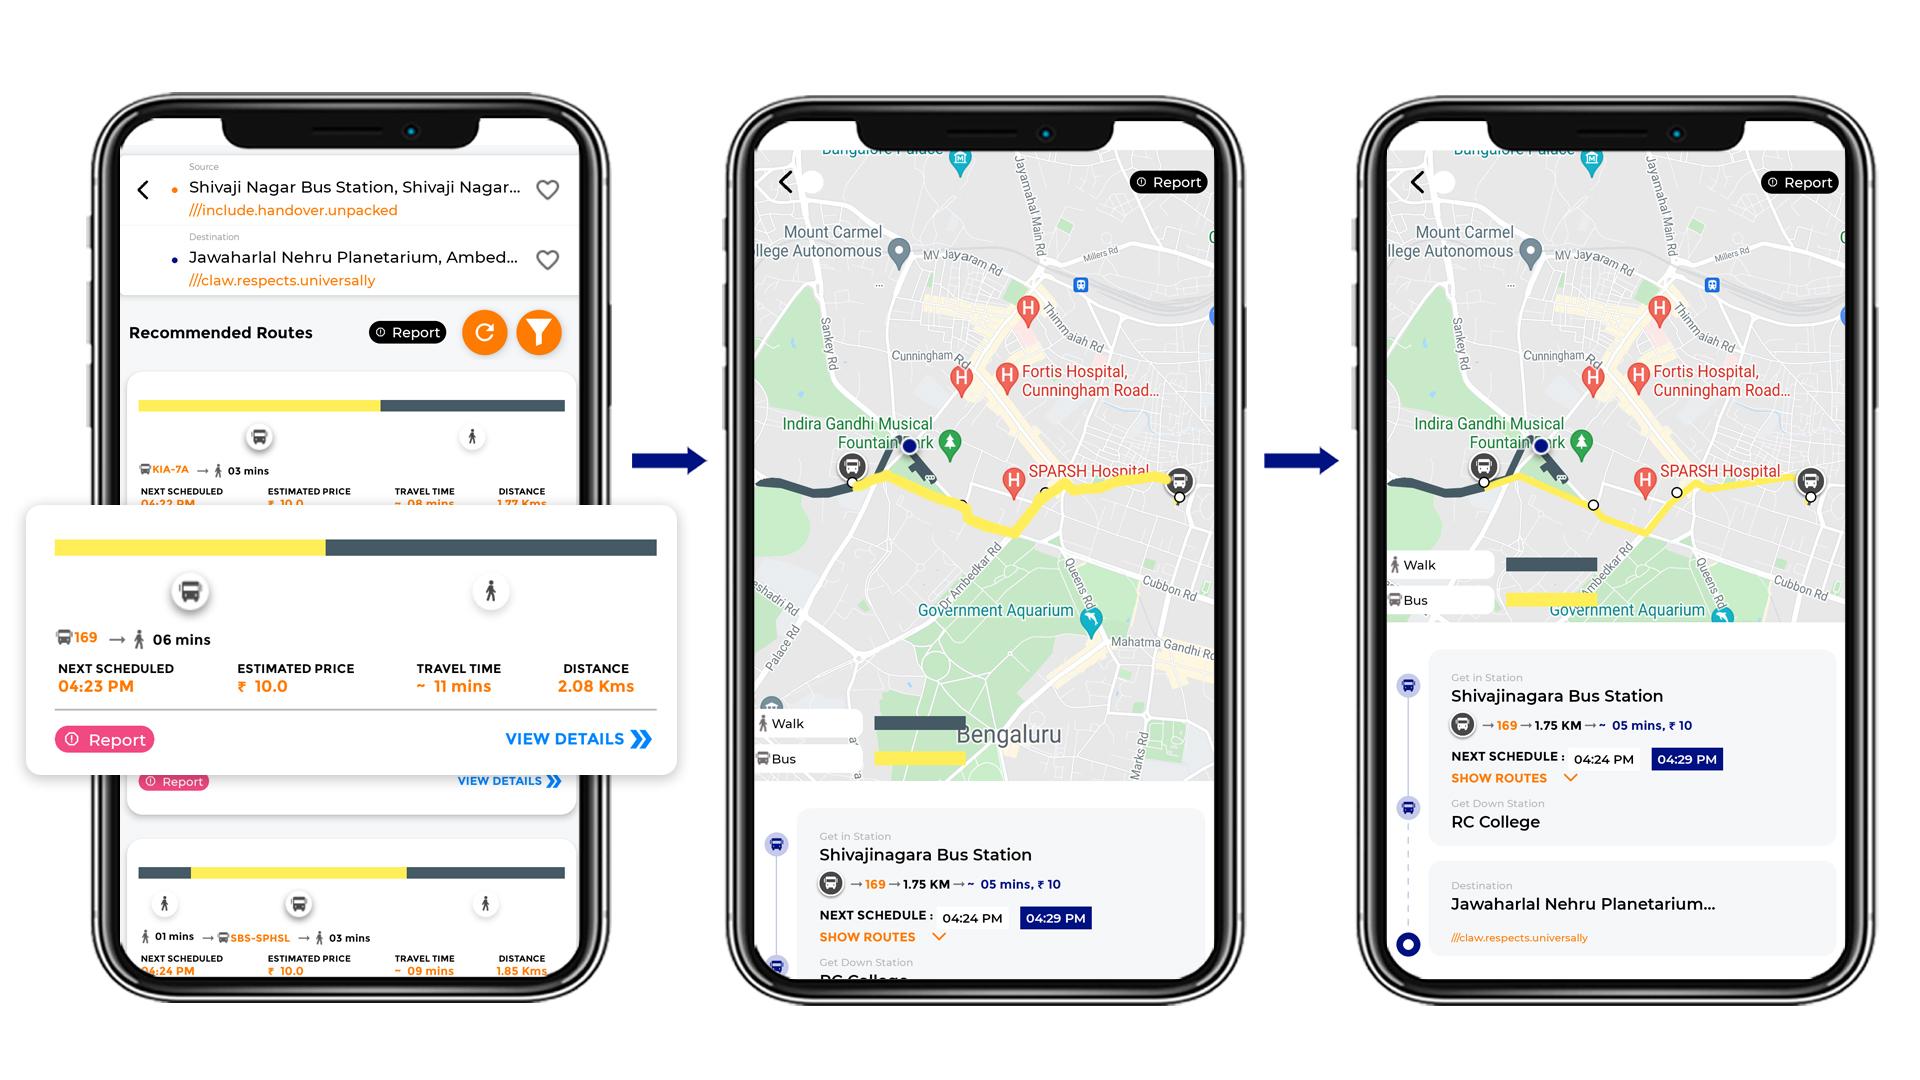 Tummoc, Tummoc app, Public transport information, Jawaharlal Nehru Planetarium, Shivaji Nagar